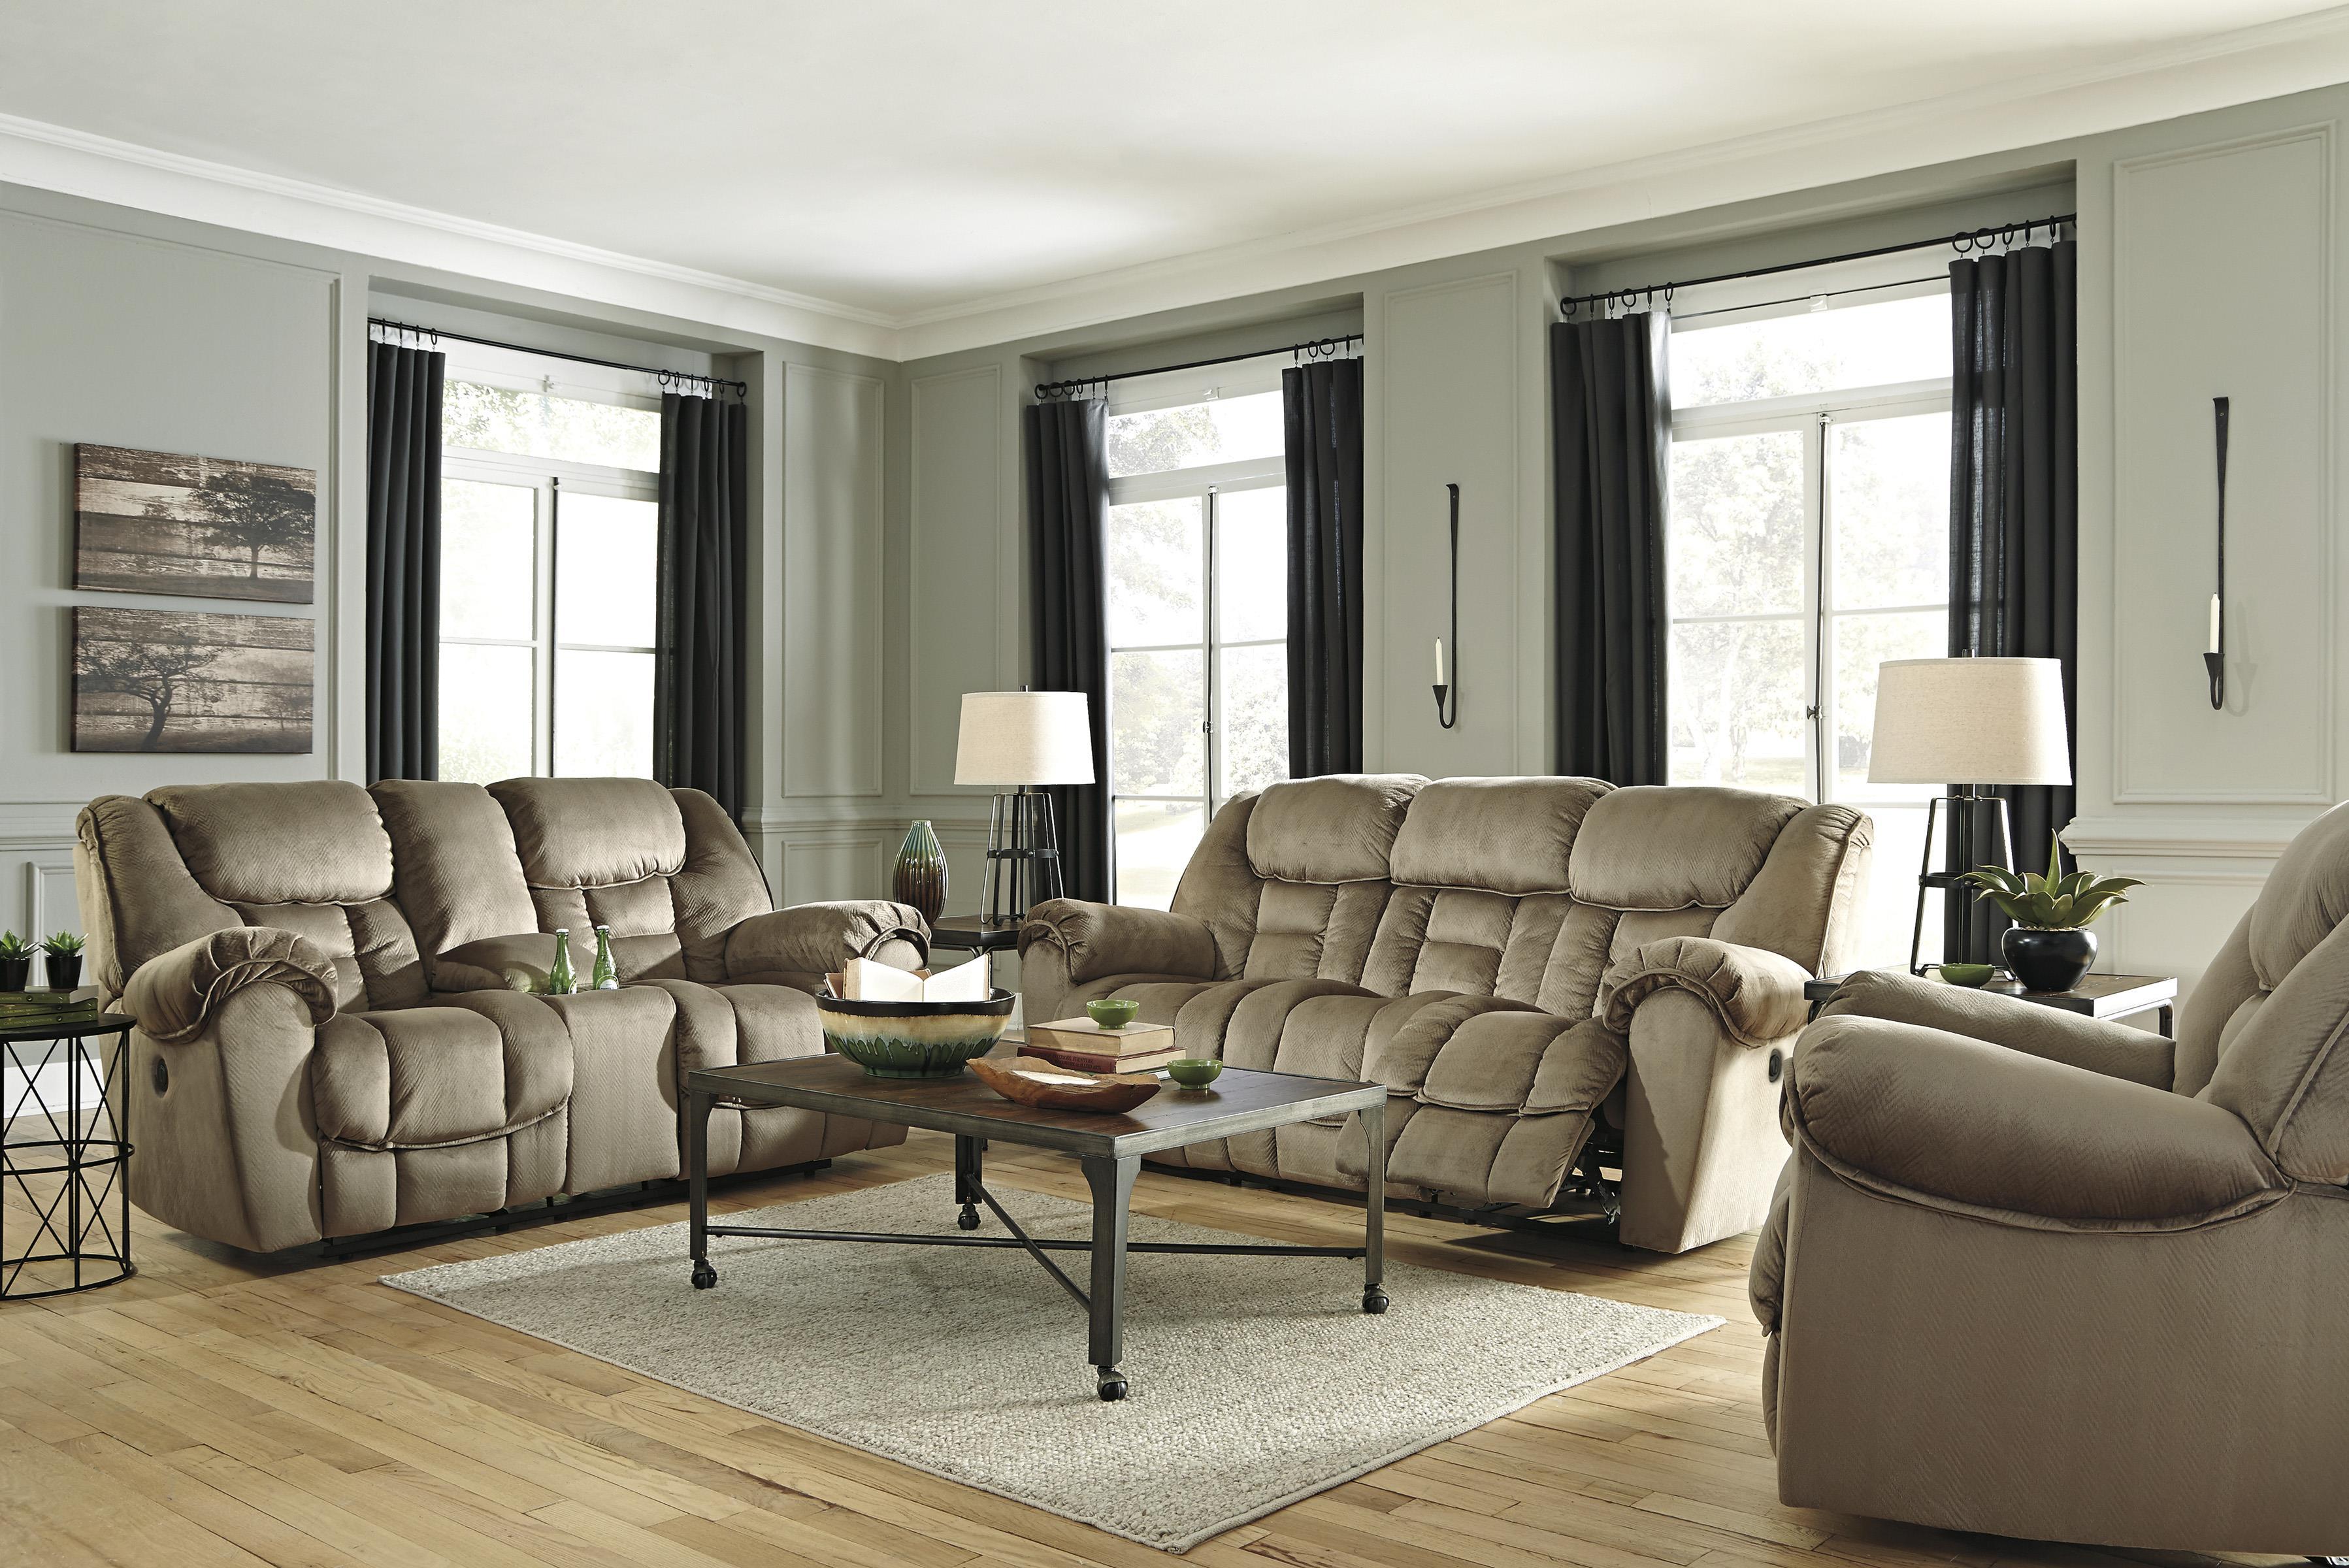 Benchcraft Jodoca Reclining Living Room Group Marlo